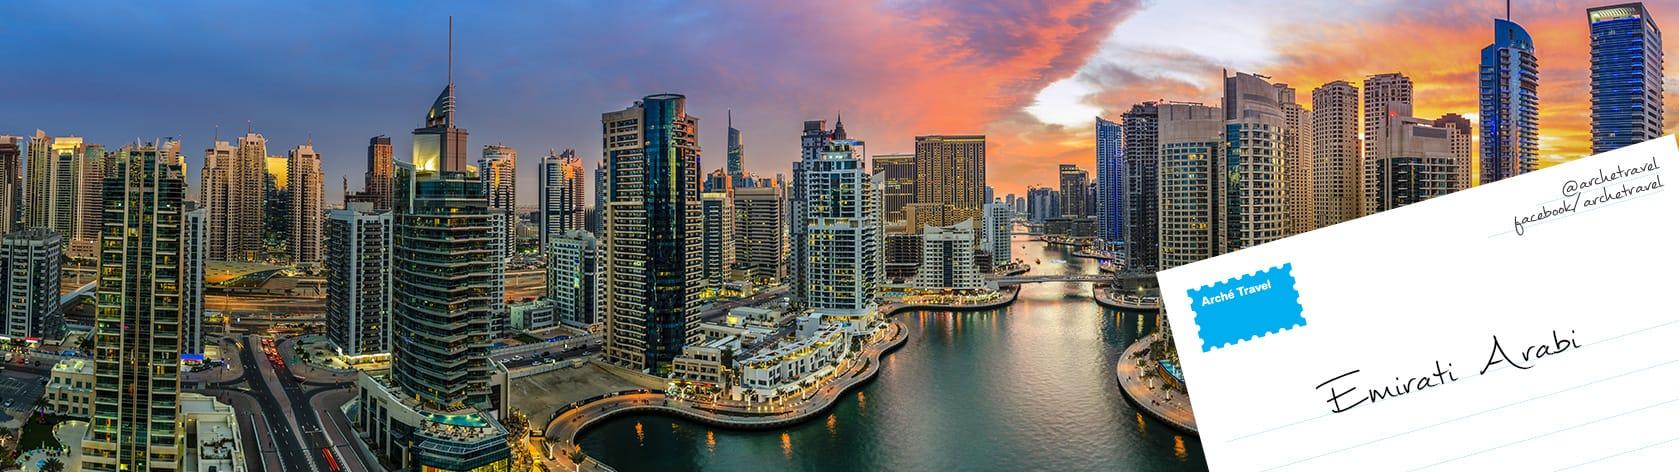 viaggi organizzati emirati arabi uniti 2020 - Arché Travel